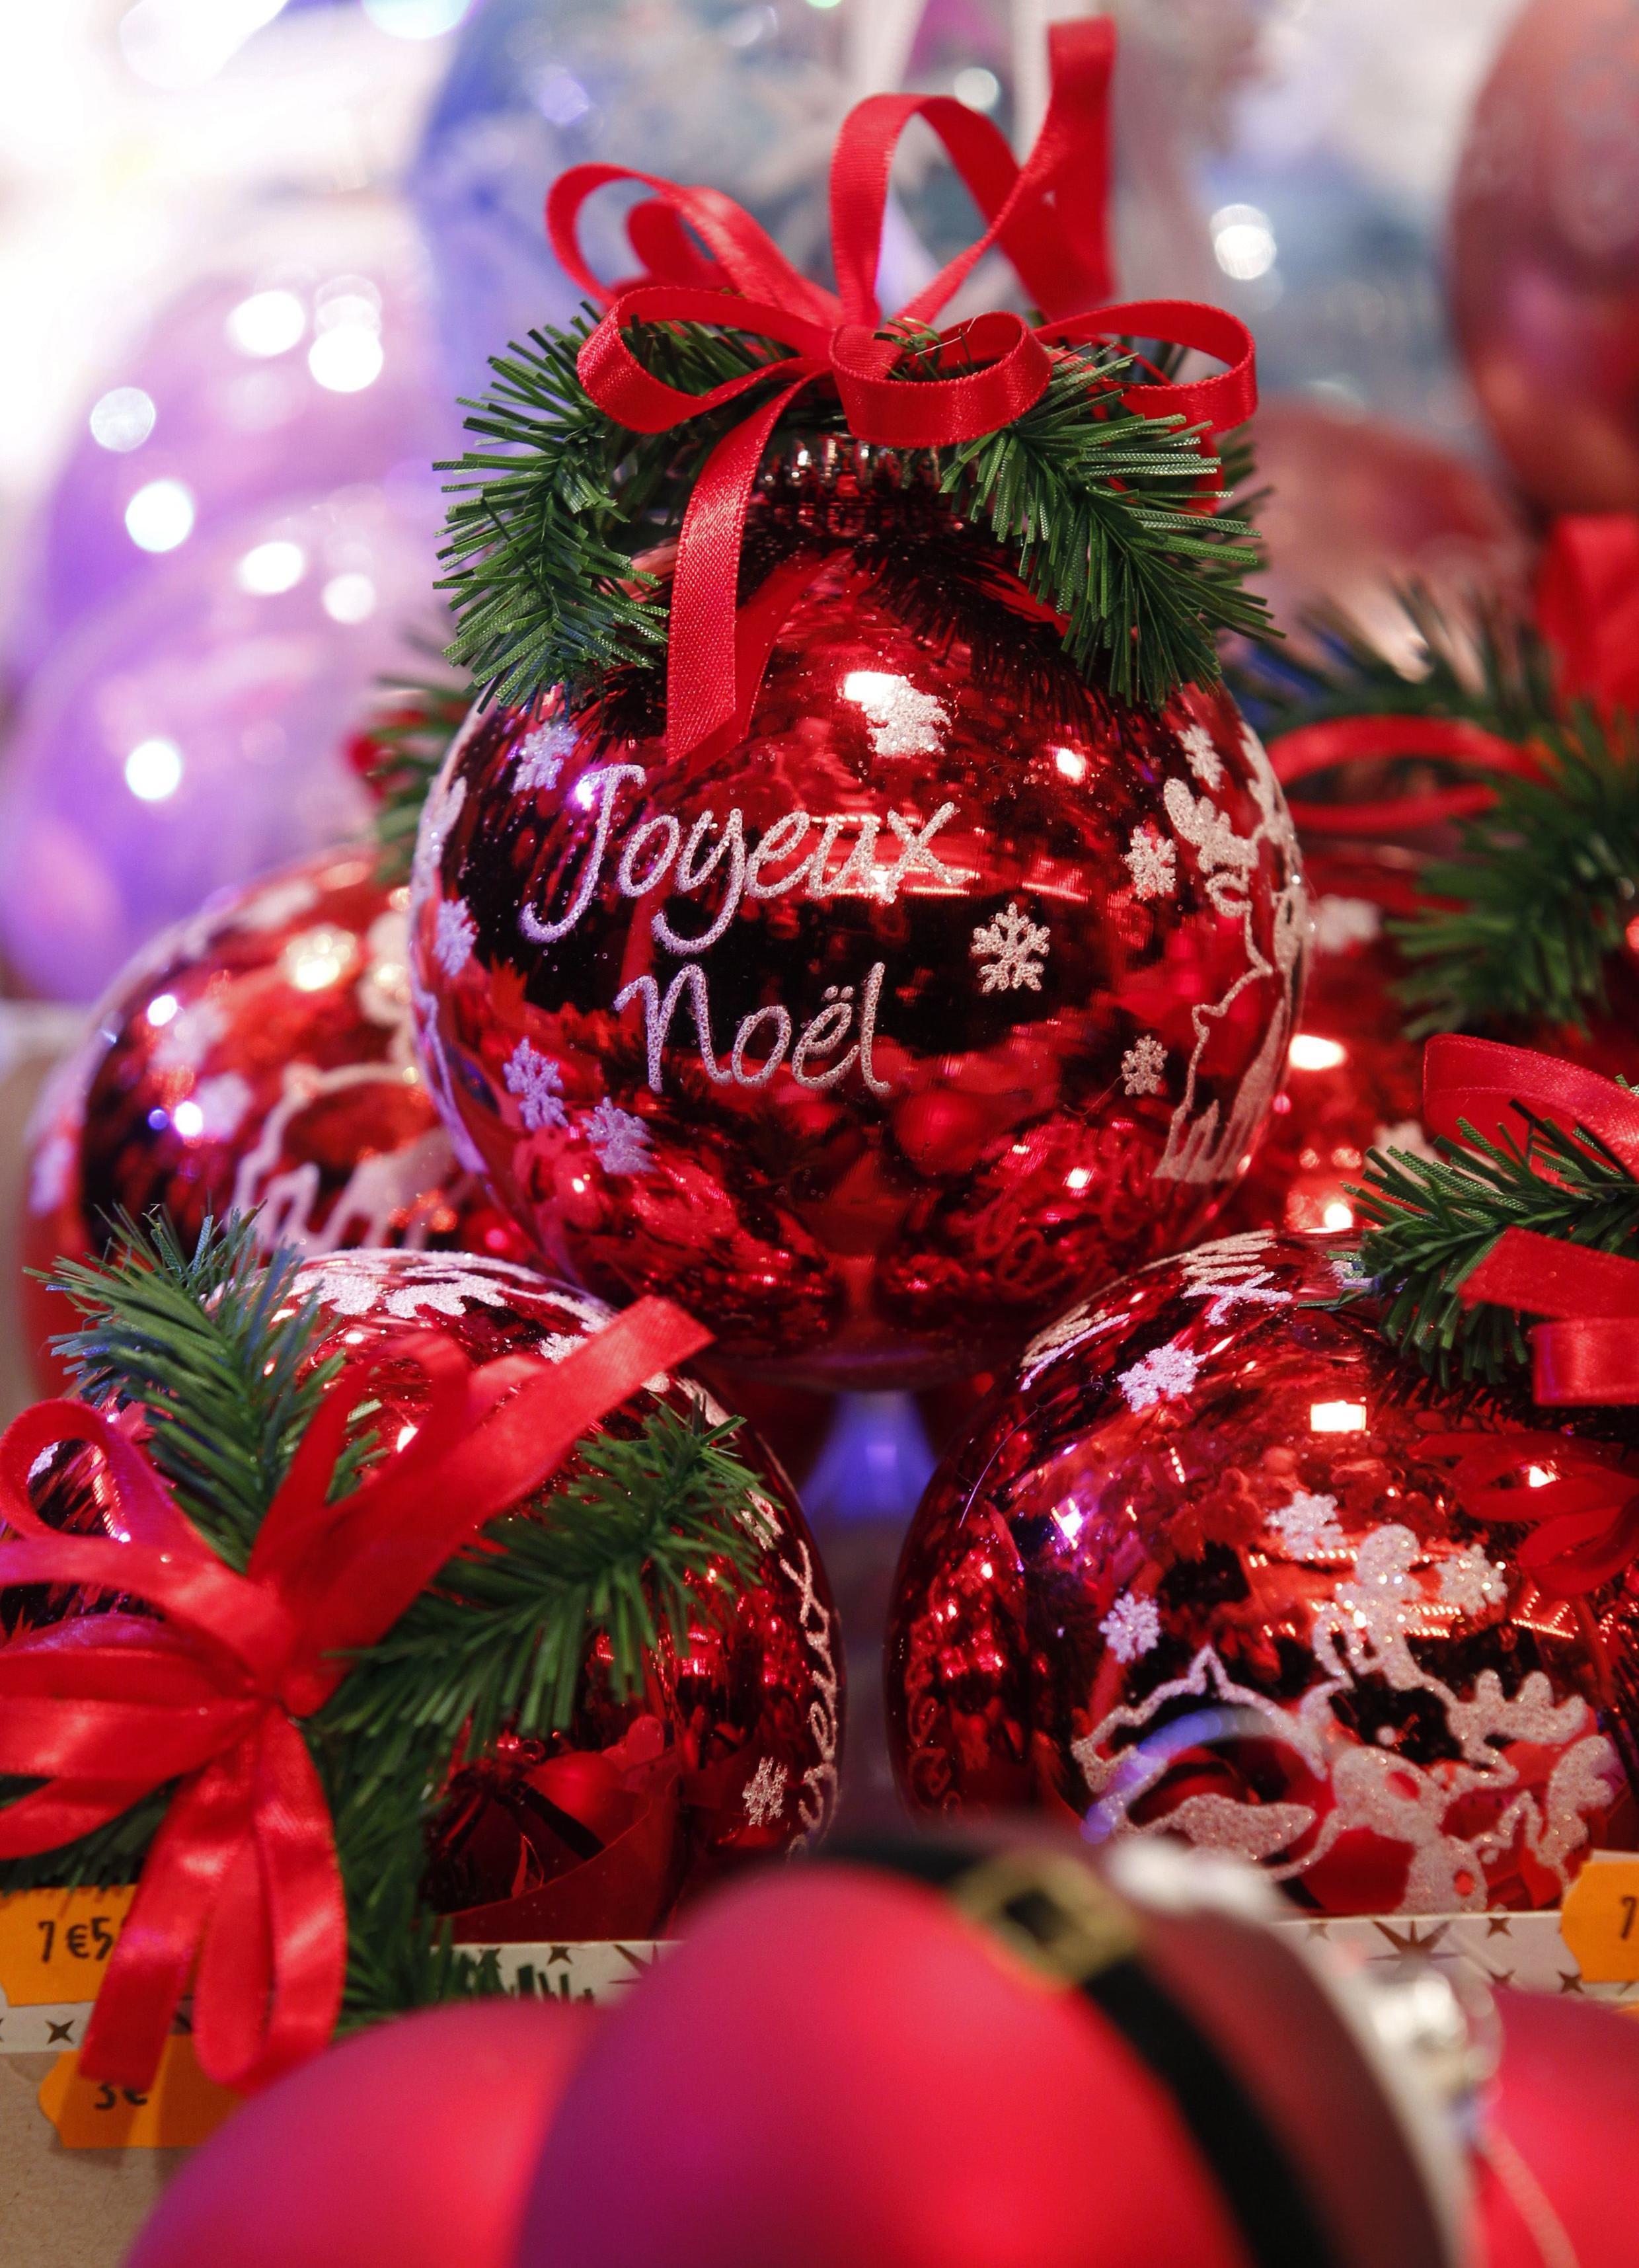 Quatro domingos que antecedem o natal,  já é tempo de começar os preparativos para esta data.